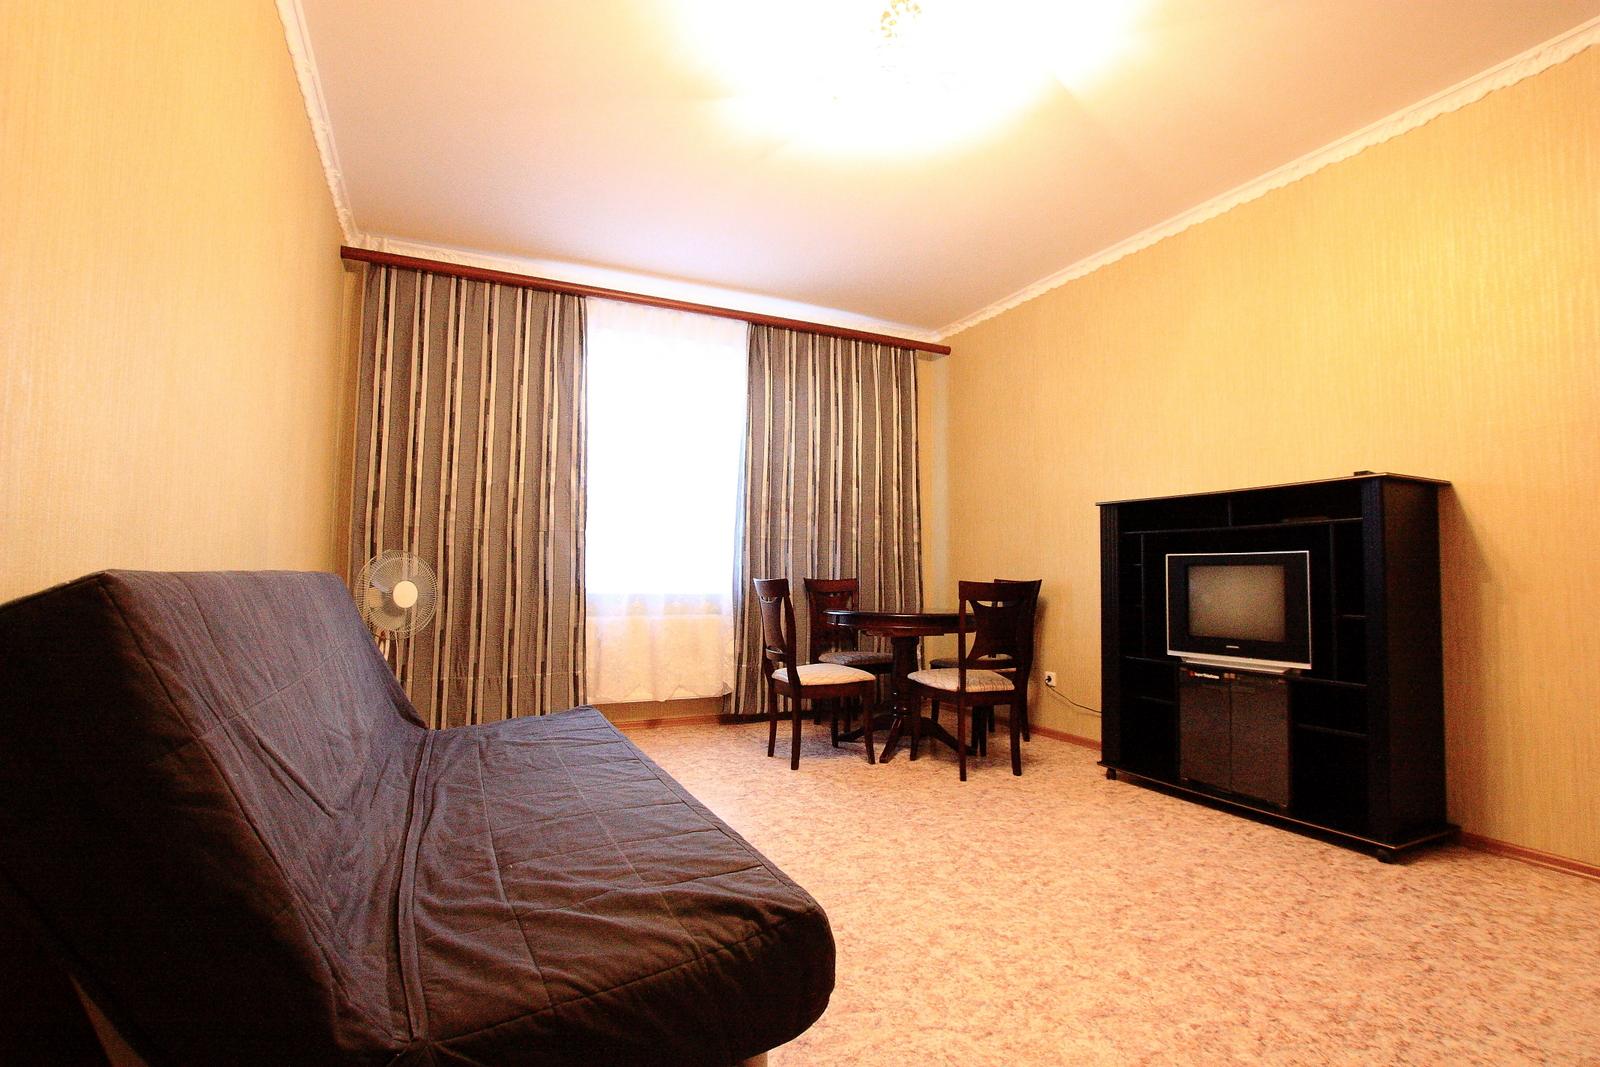 фото квартиры 2 комнатной